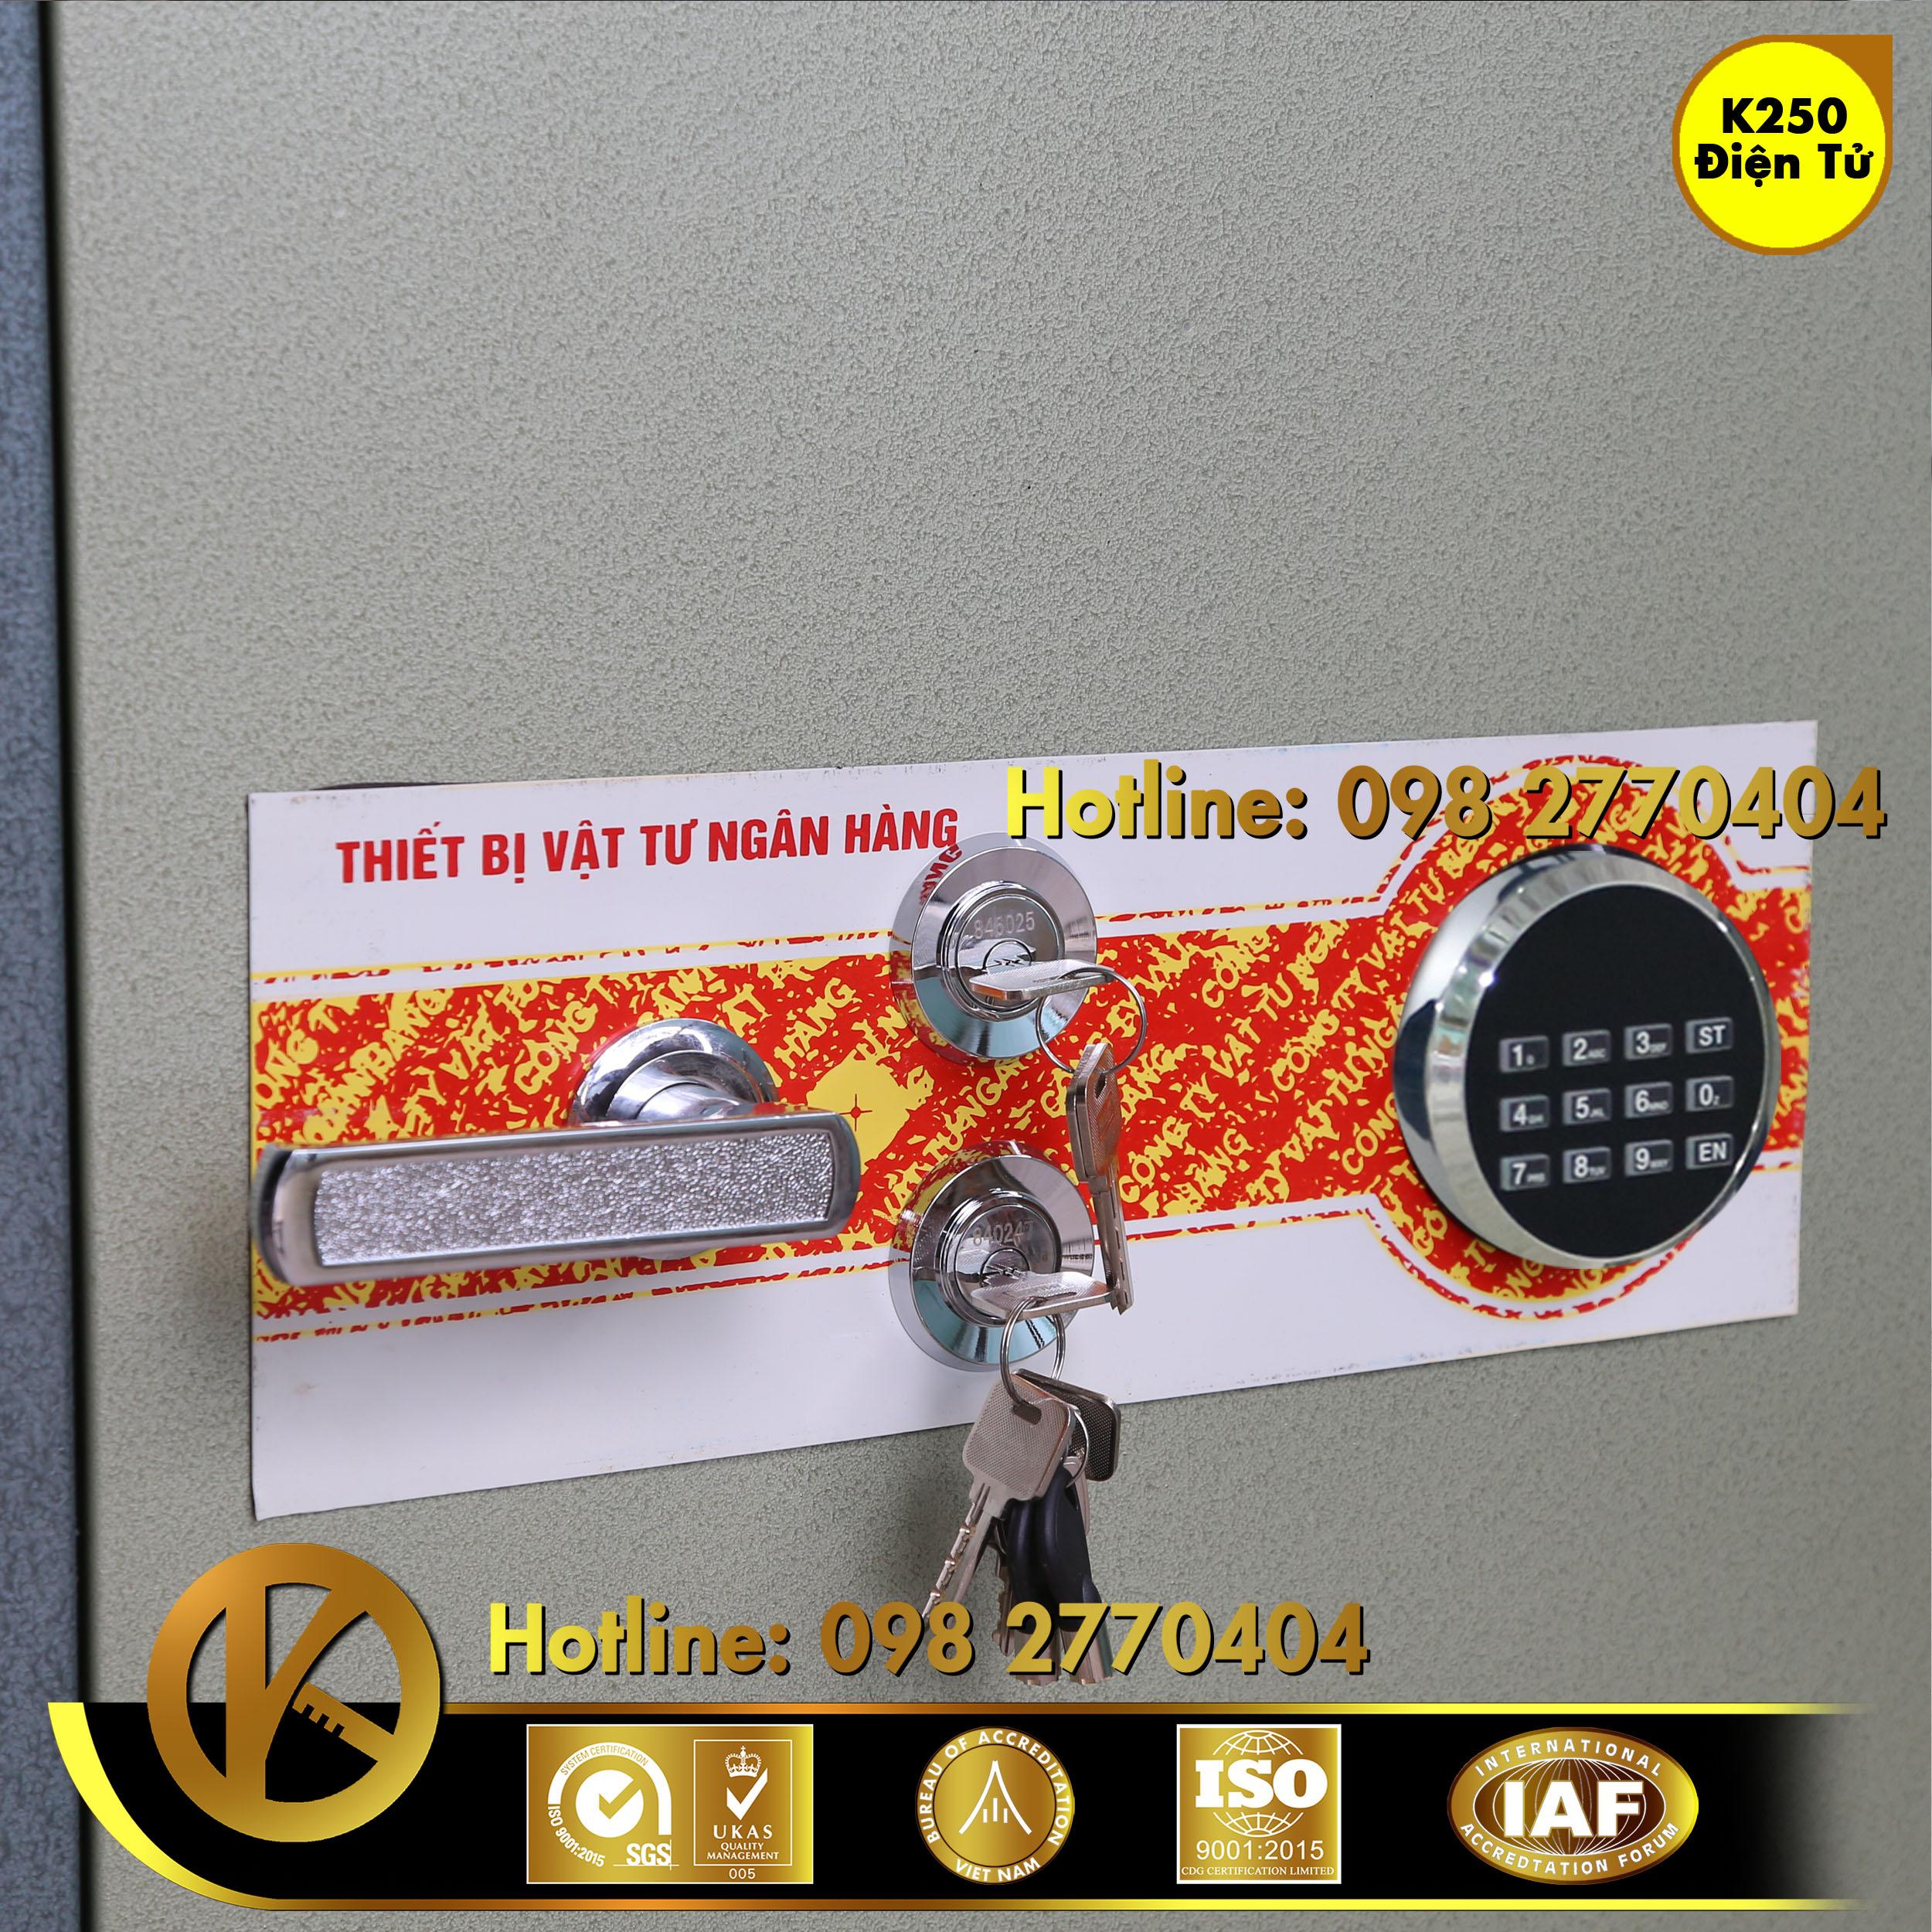 Két Sắt Ngân Hàng BEMC K250 Khoá Điện Tử